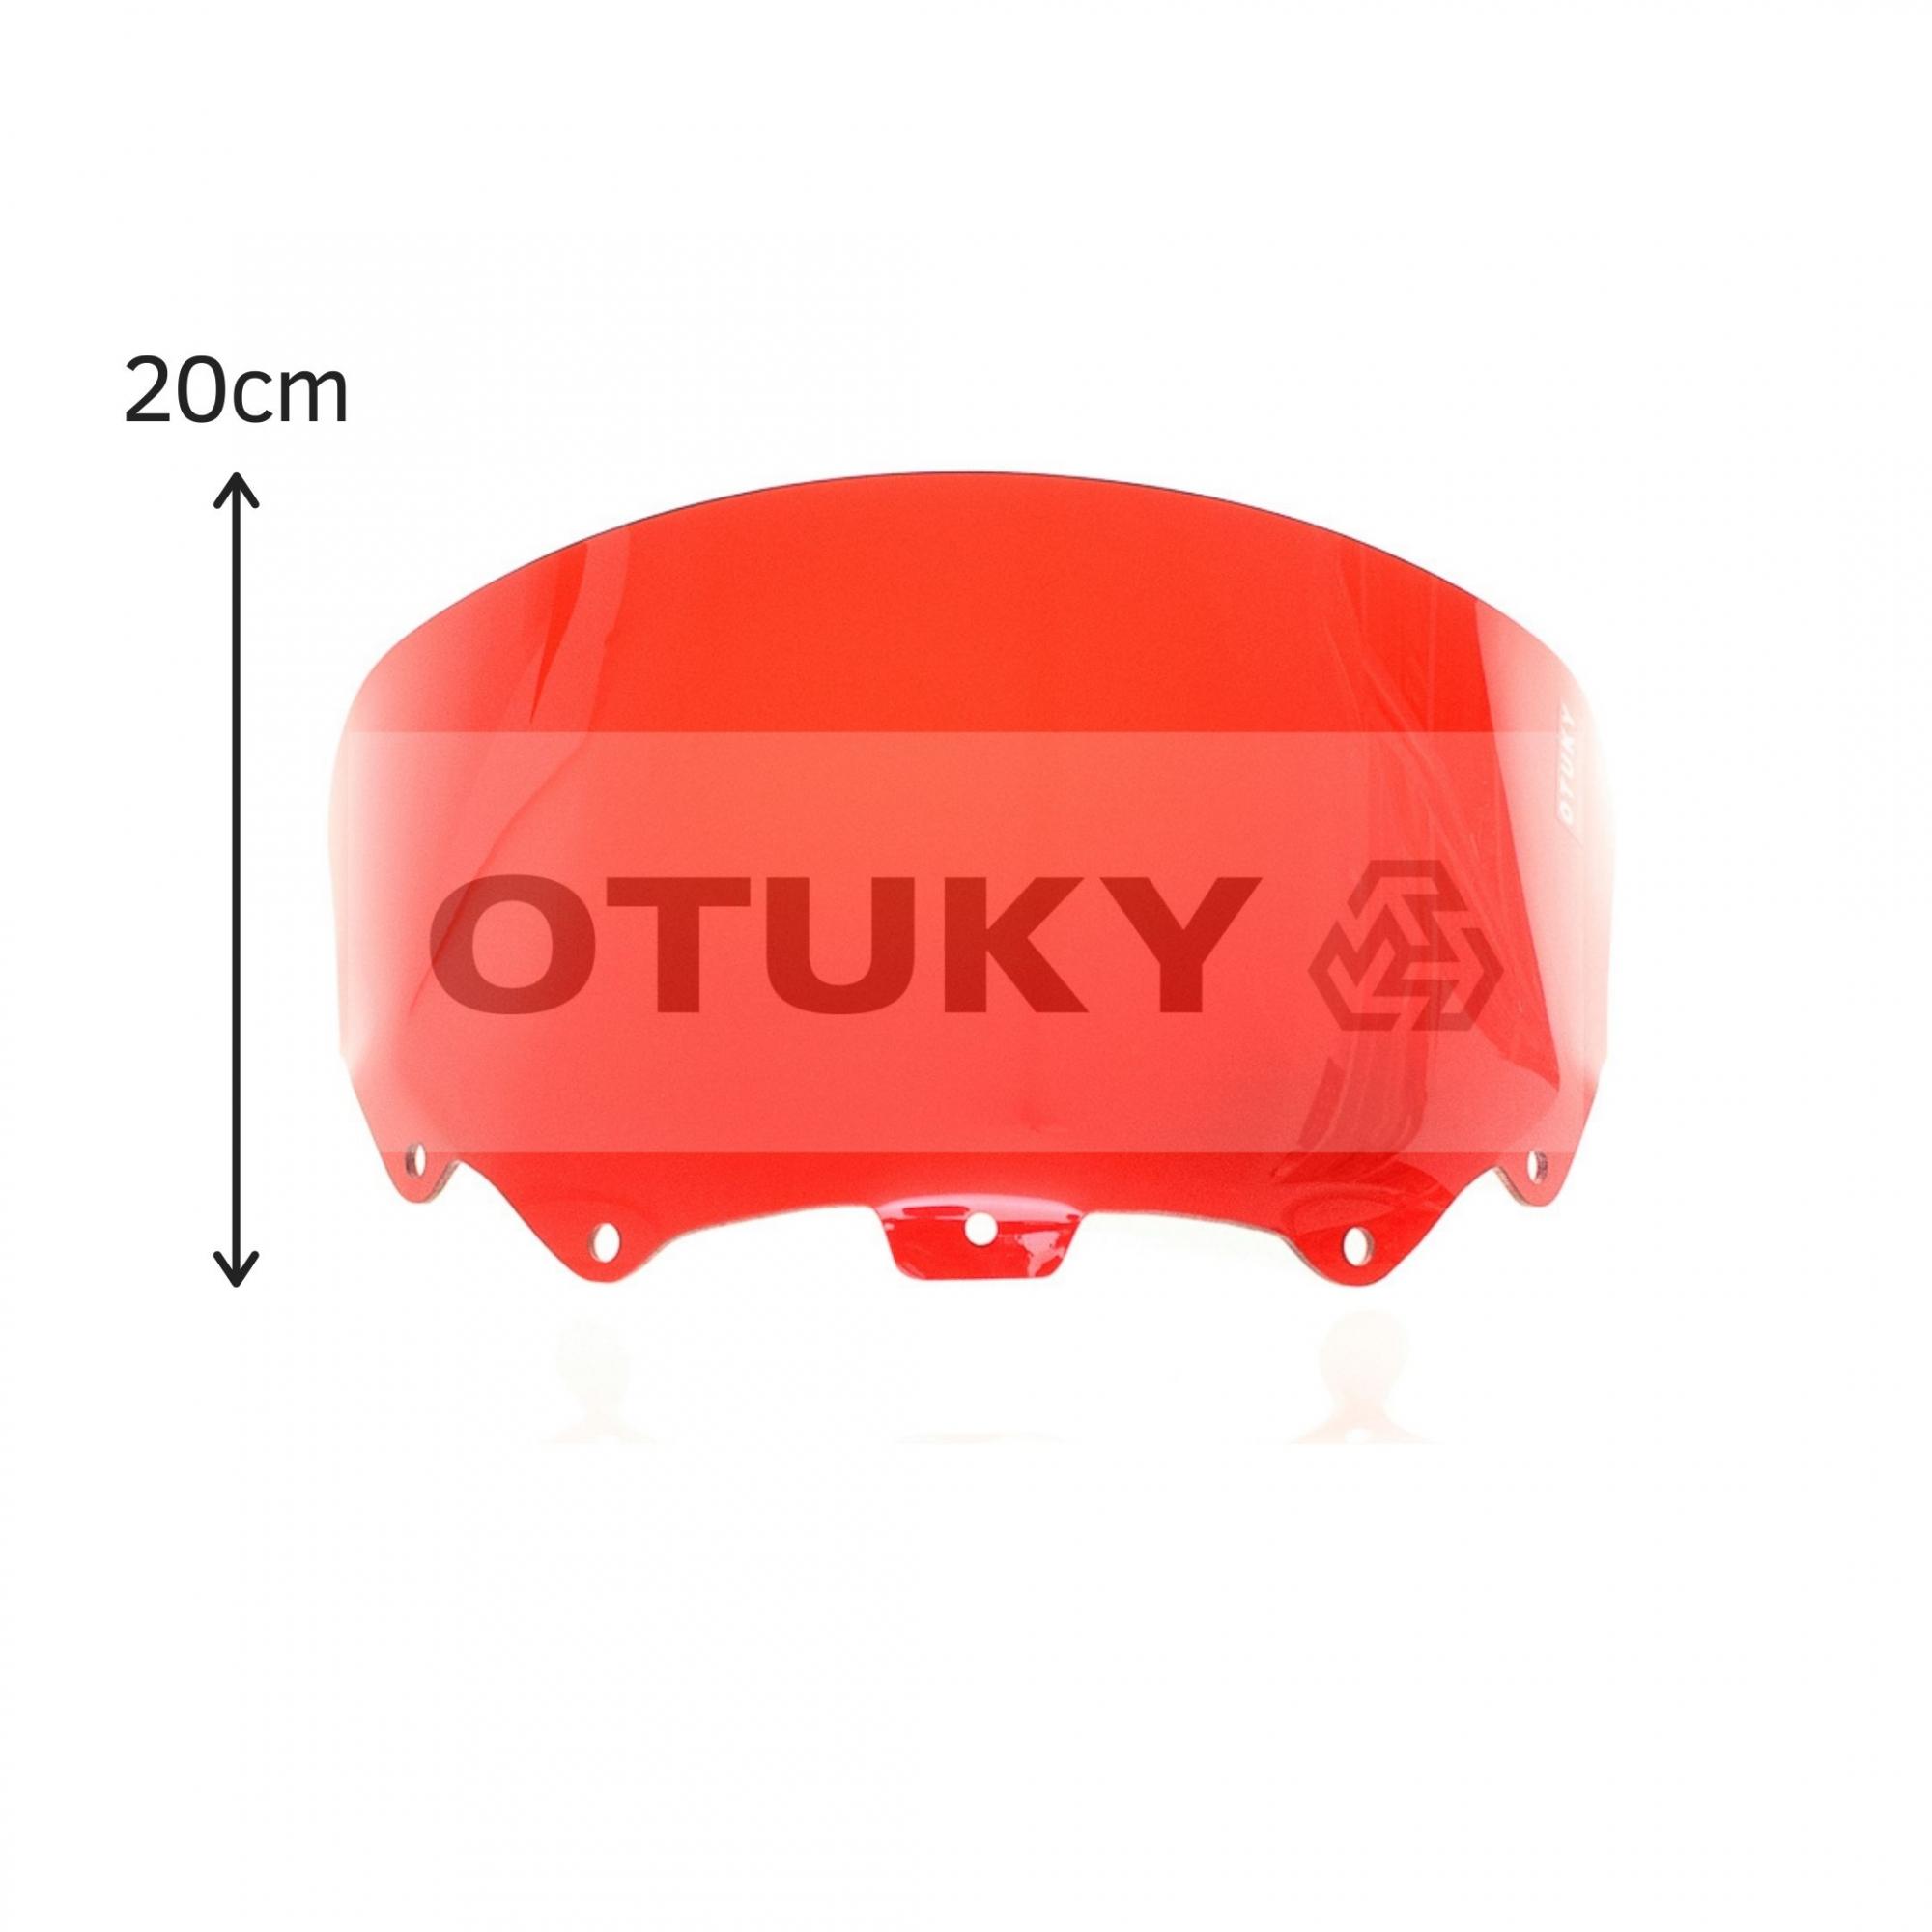 Bolha para Moto Citycom 300i Otuky Menor Vermelho